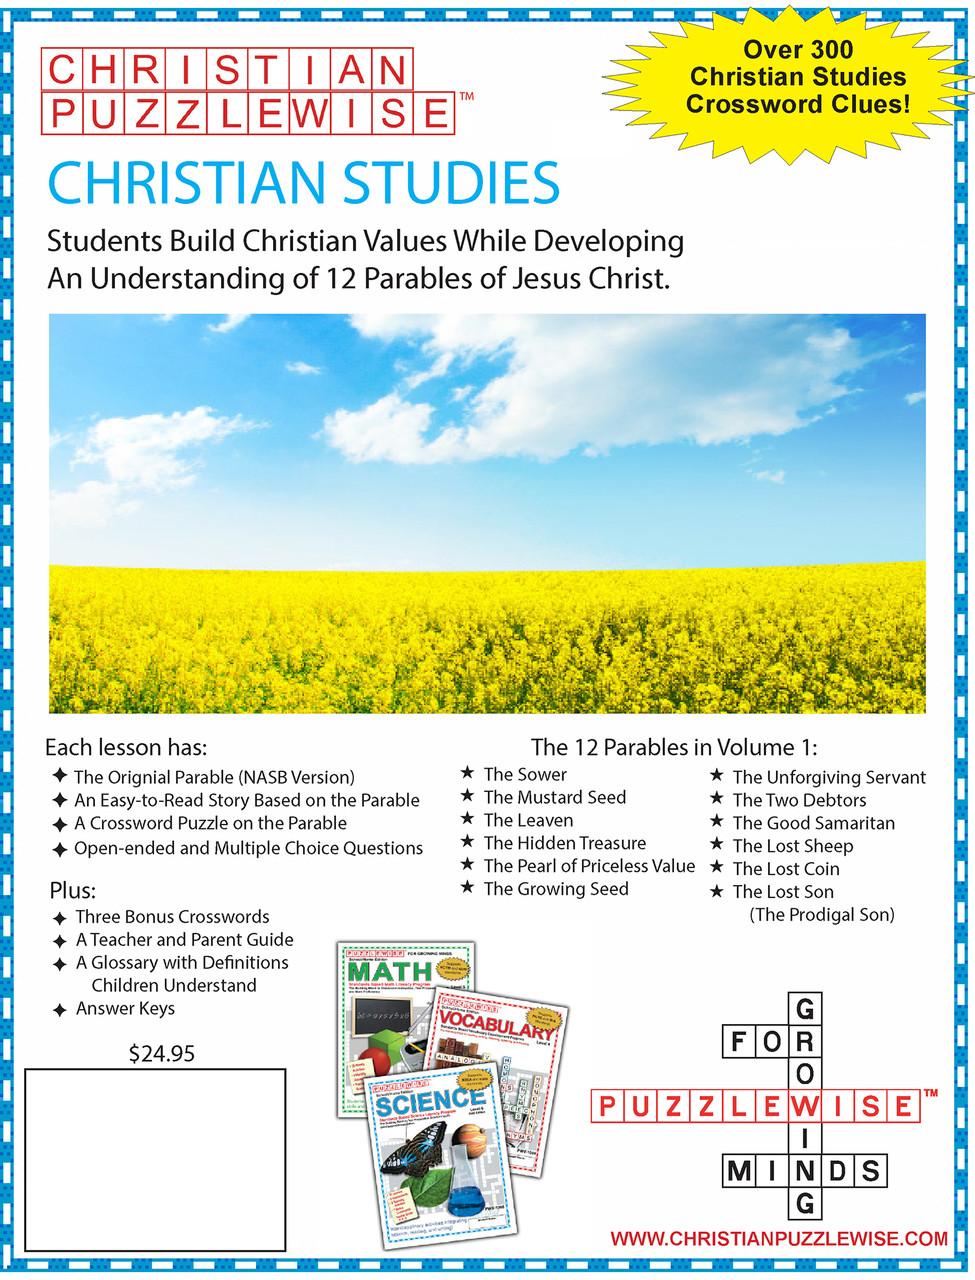 Twelve Parables of Jesus Christ / Whitsett, Brad & Levine, Daniel /  Paperback